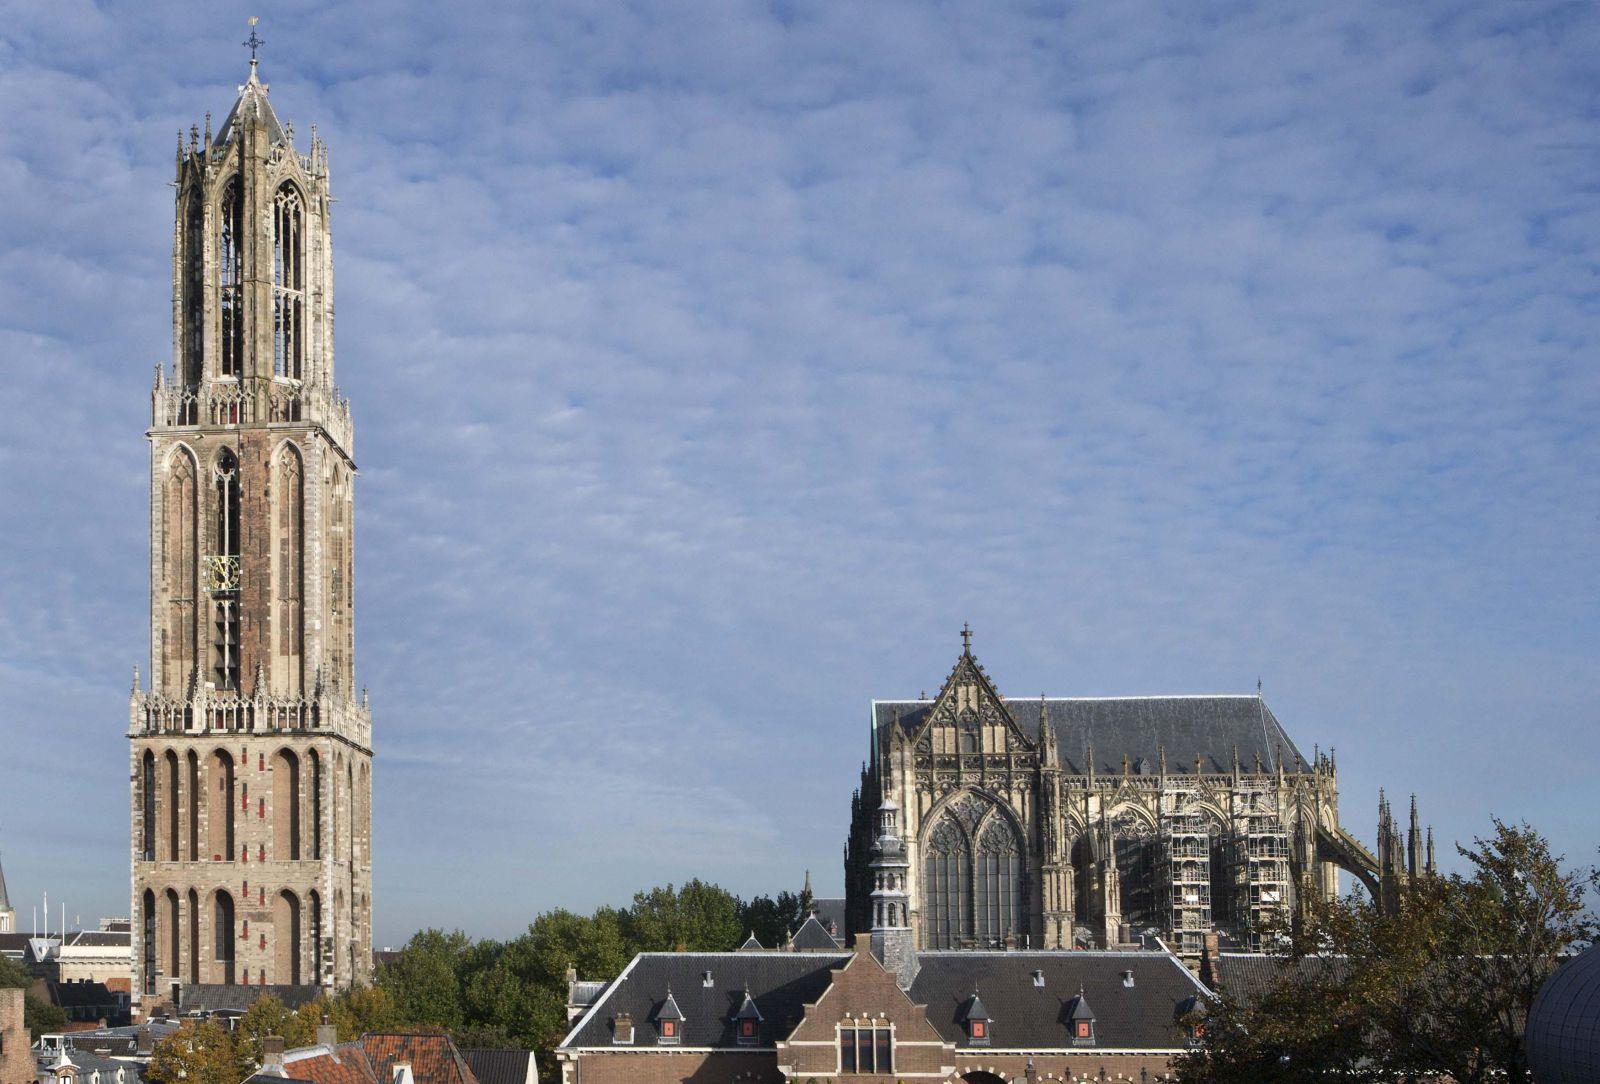 https://150psalms.com/wp-content/uploads/2017/02/dom-van-Utrecht-1.jpg